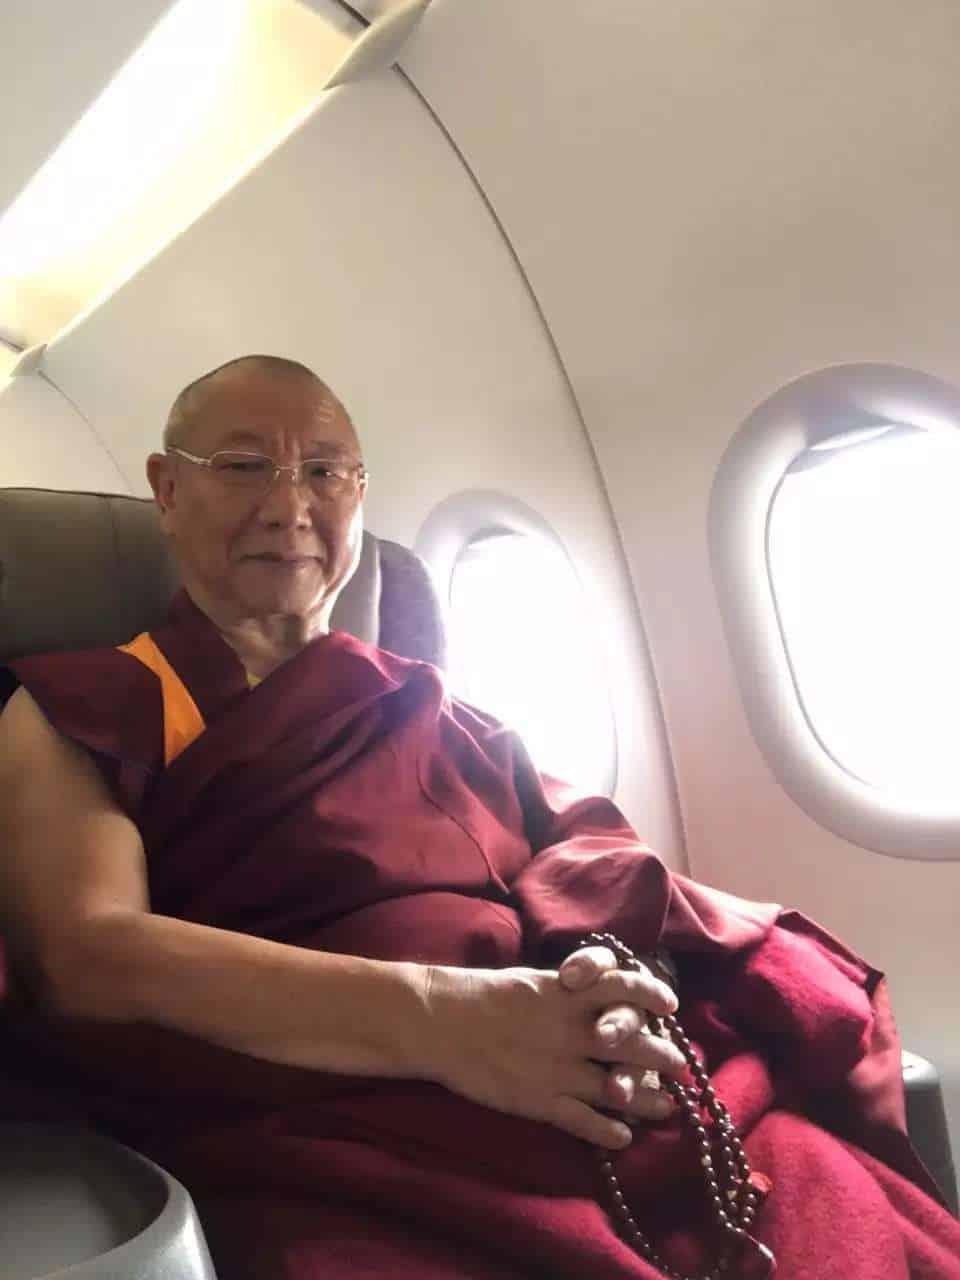 gosok-rinpoche-mongolia-2016-3c6440d751716d4c859f36b7e94f843